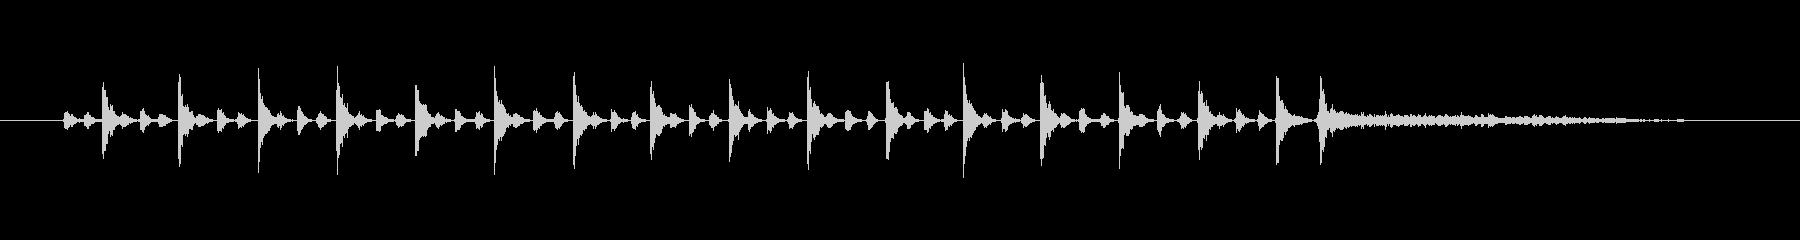 タンバリン(シャカタカシャカタカ)の未再生の波形